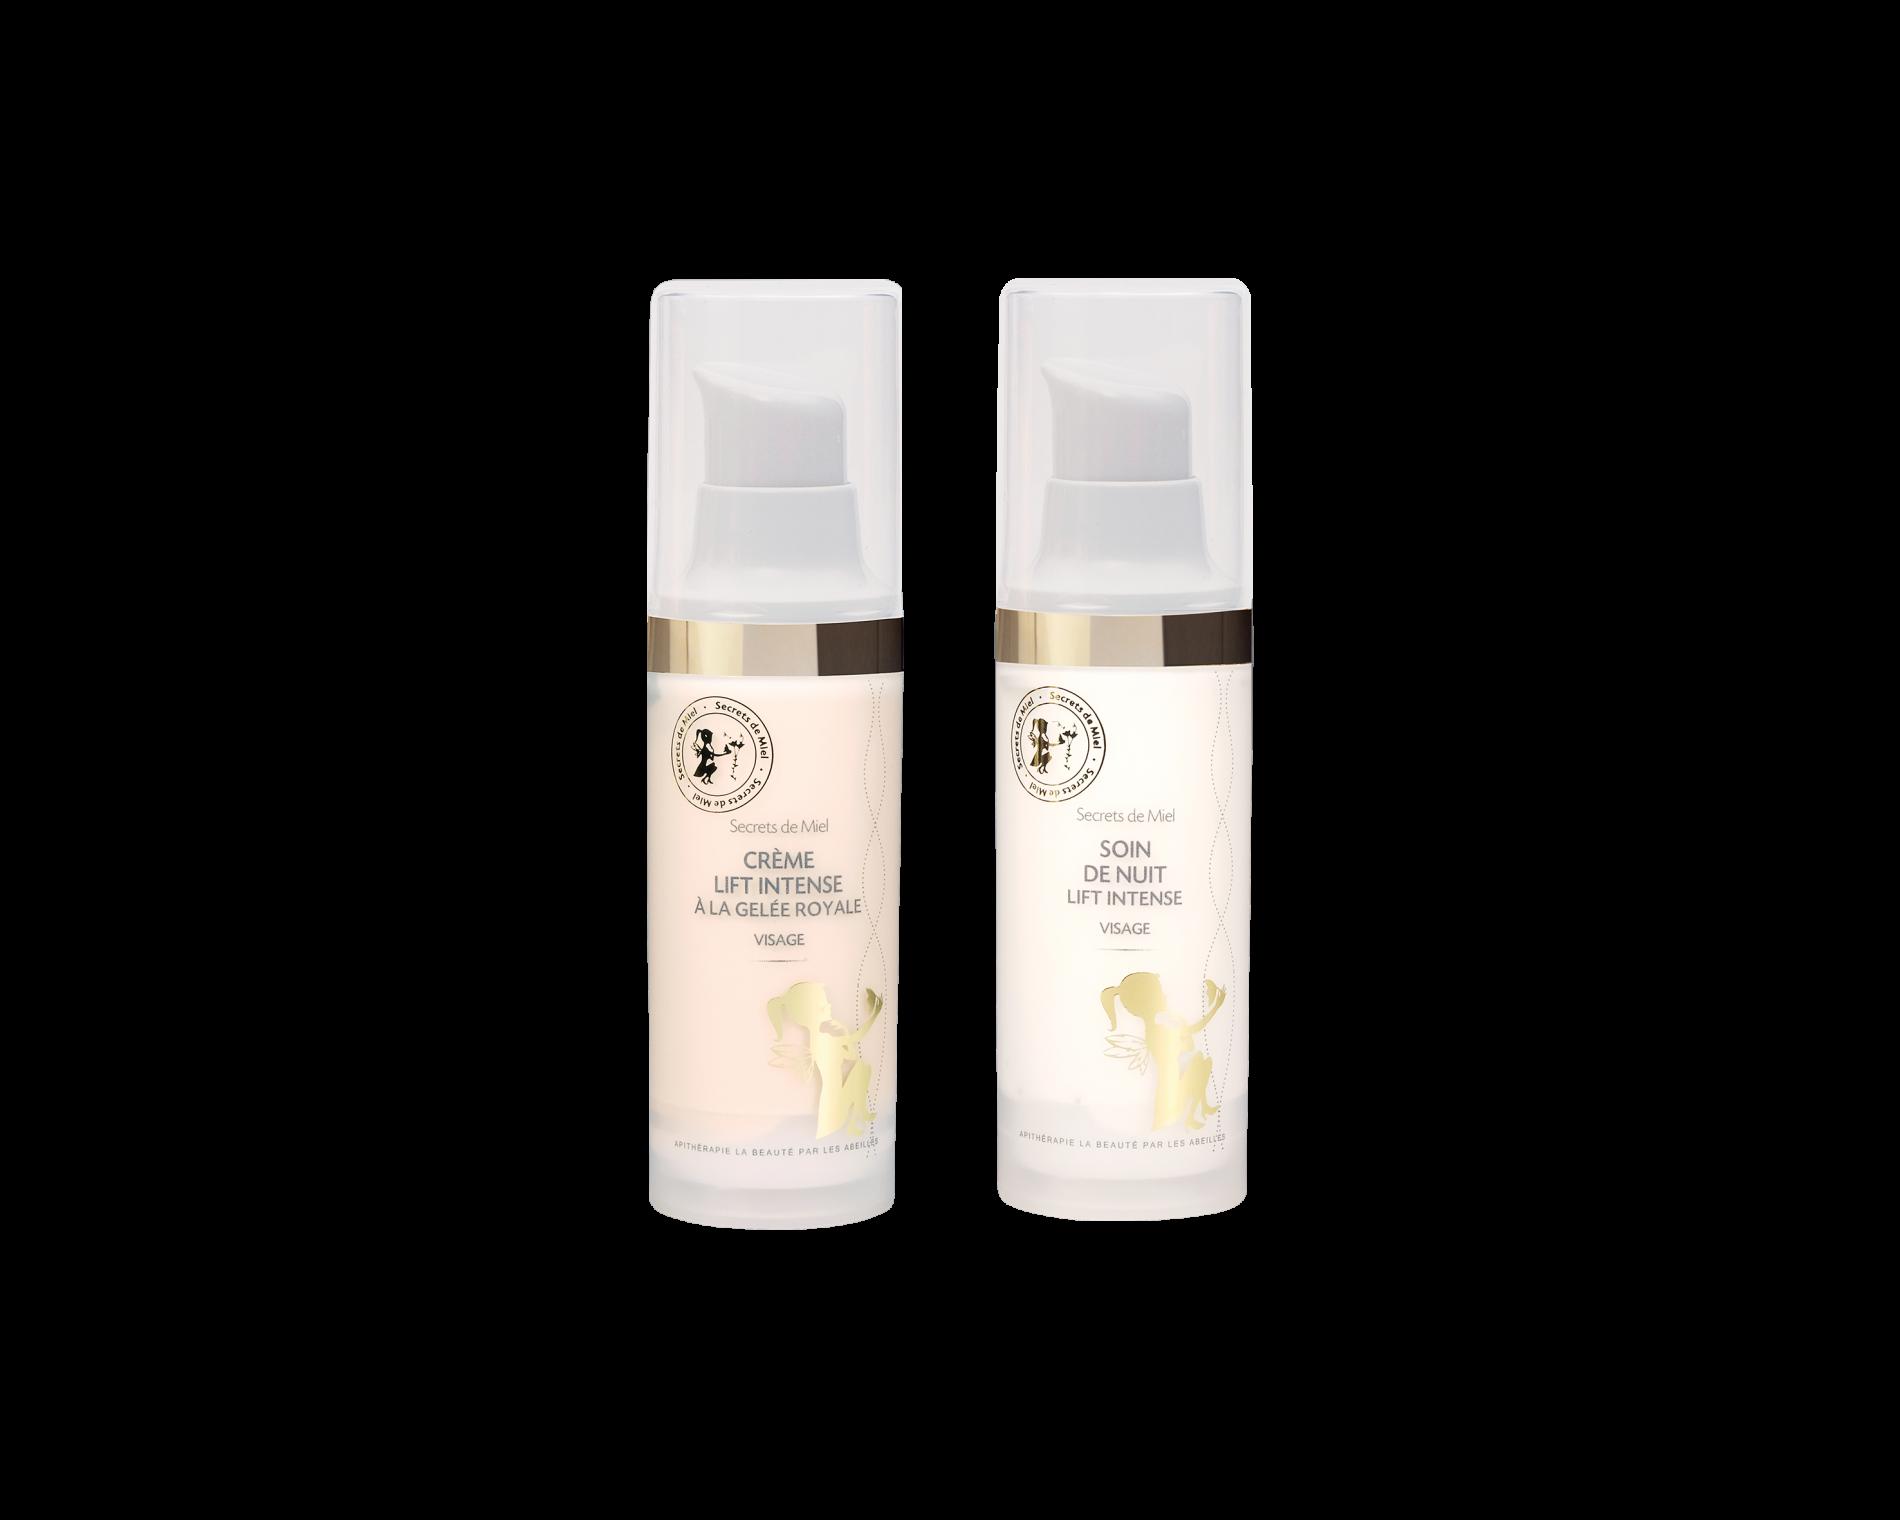 soin de jour et de nuit - hydratation visage - anti-âge - peaux matures - miel - Secrets de Miel